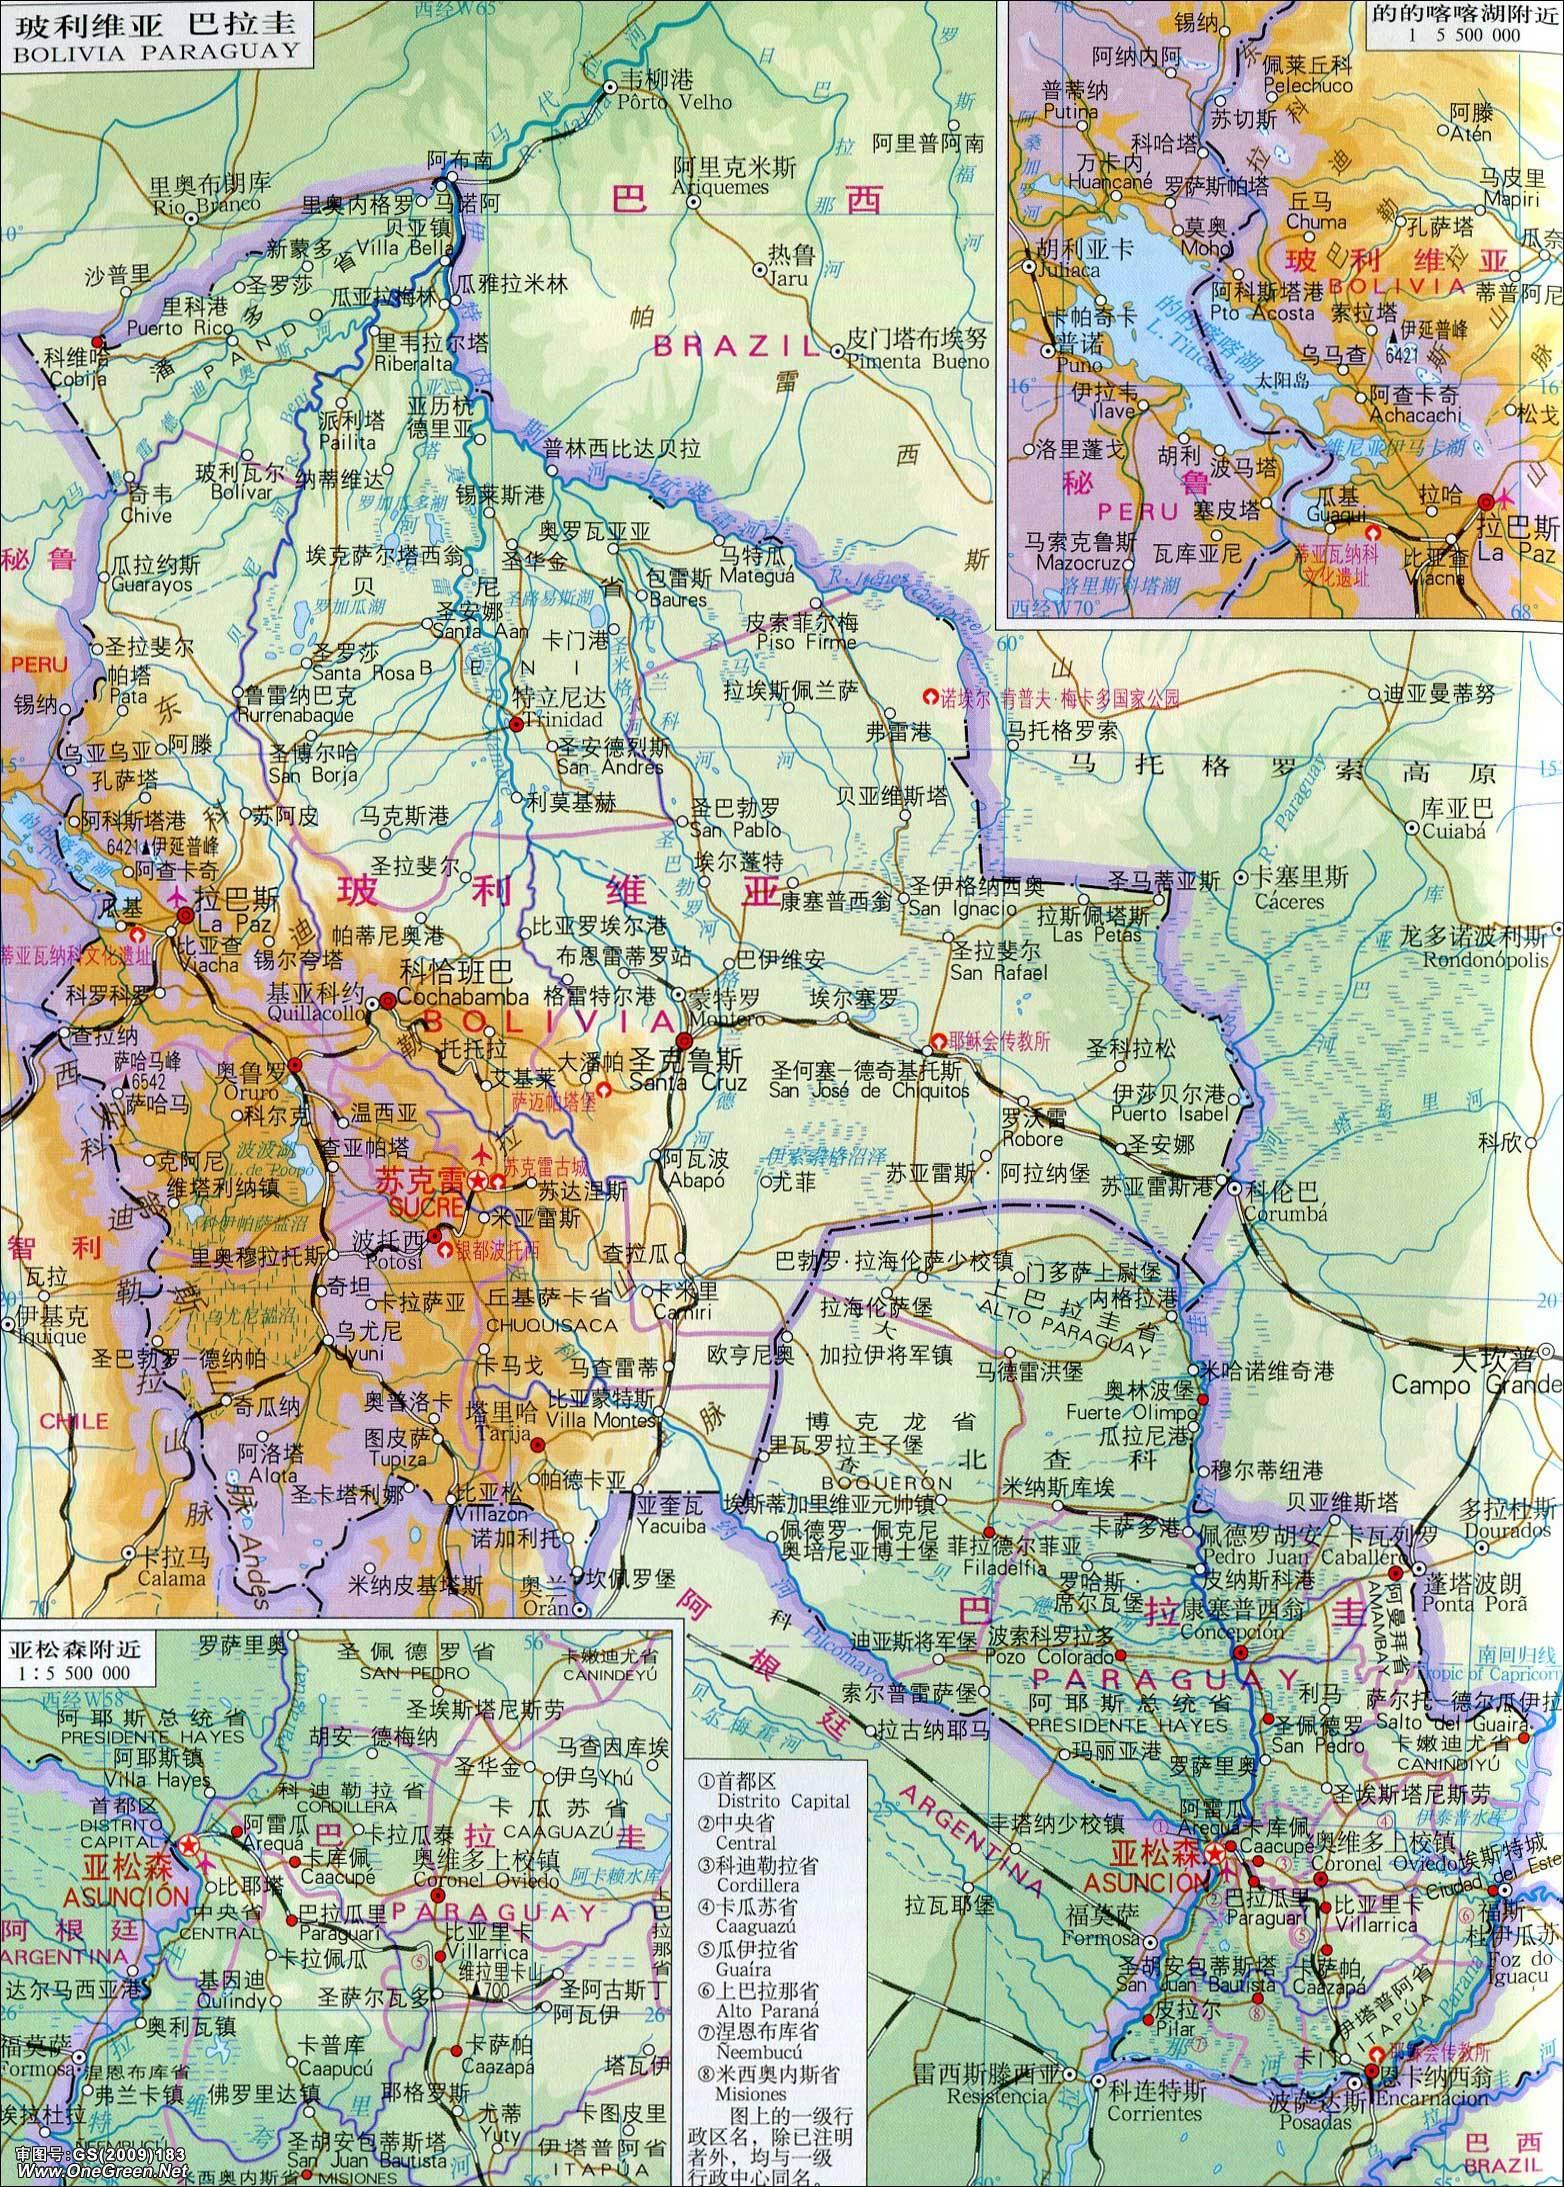 南美洲哥伦比亚_巴拉圭地形图_巴拉圭地图库_地图窝